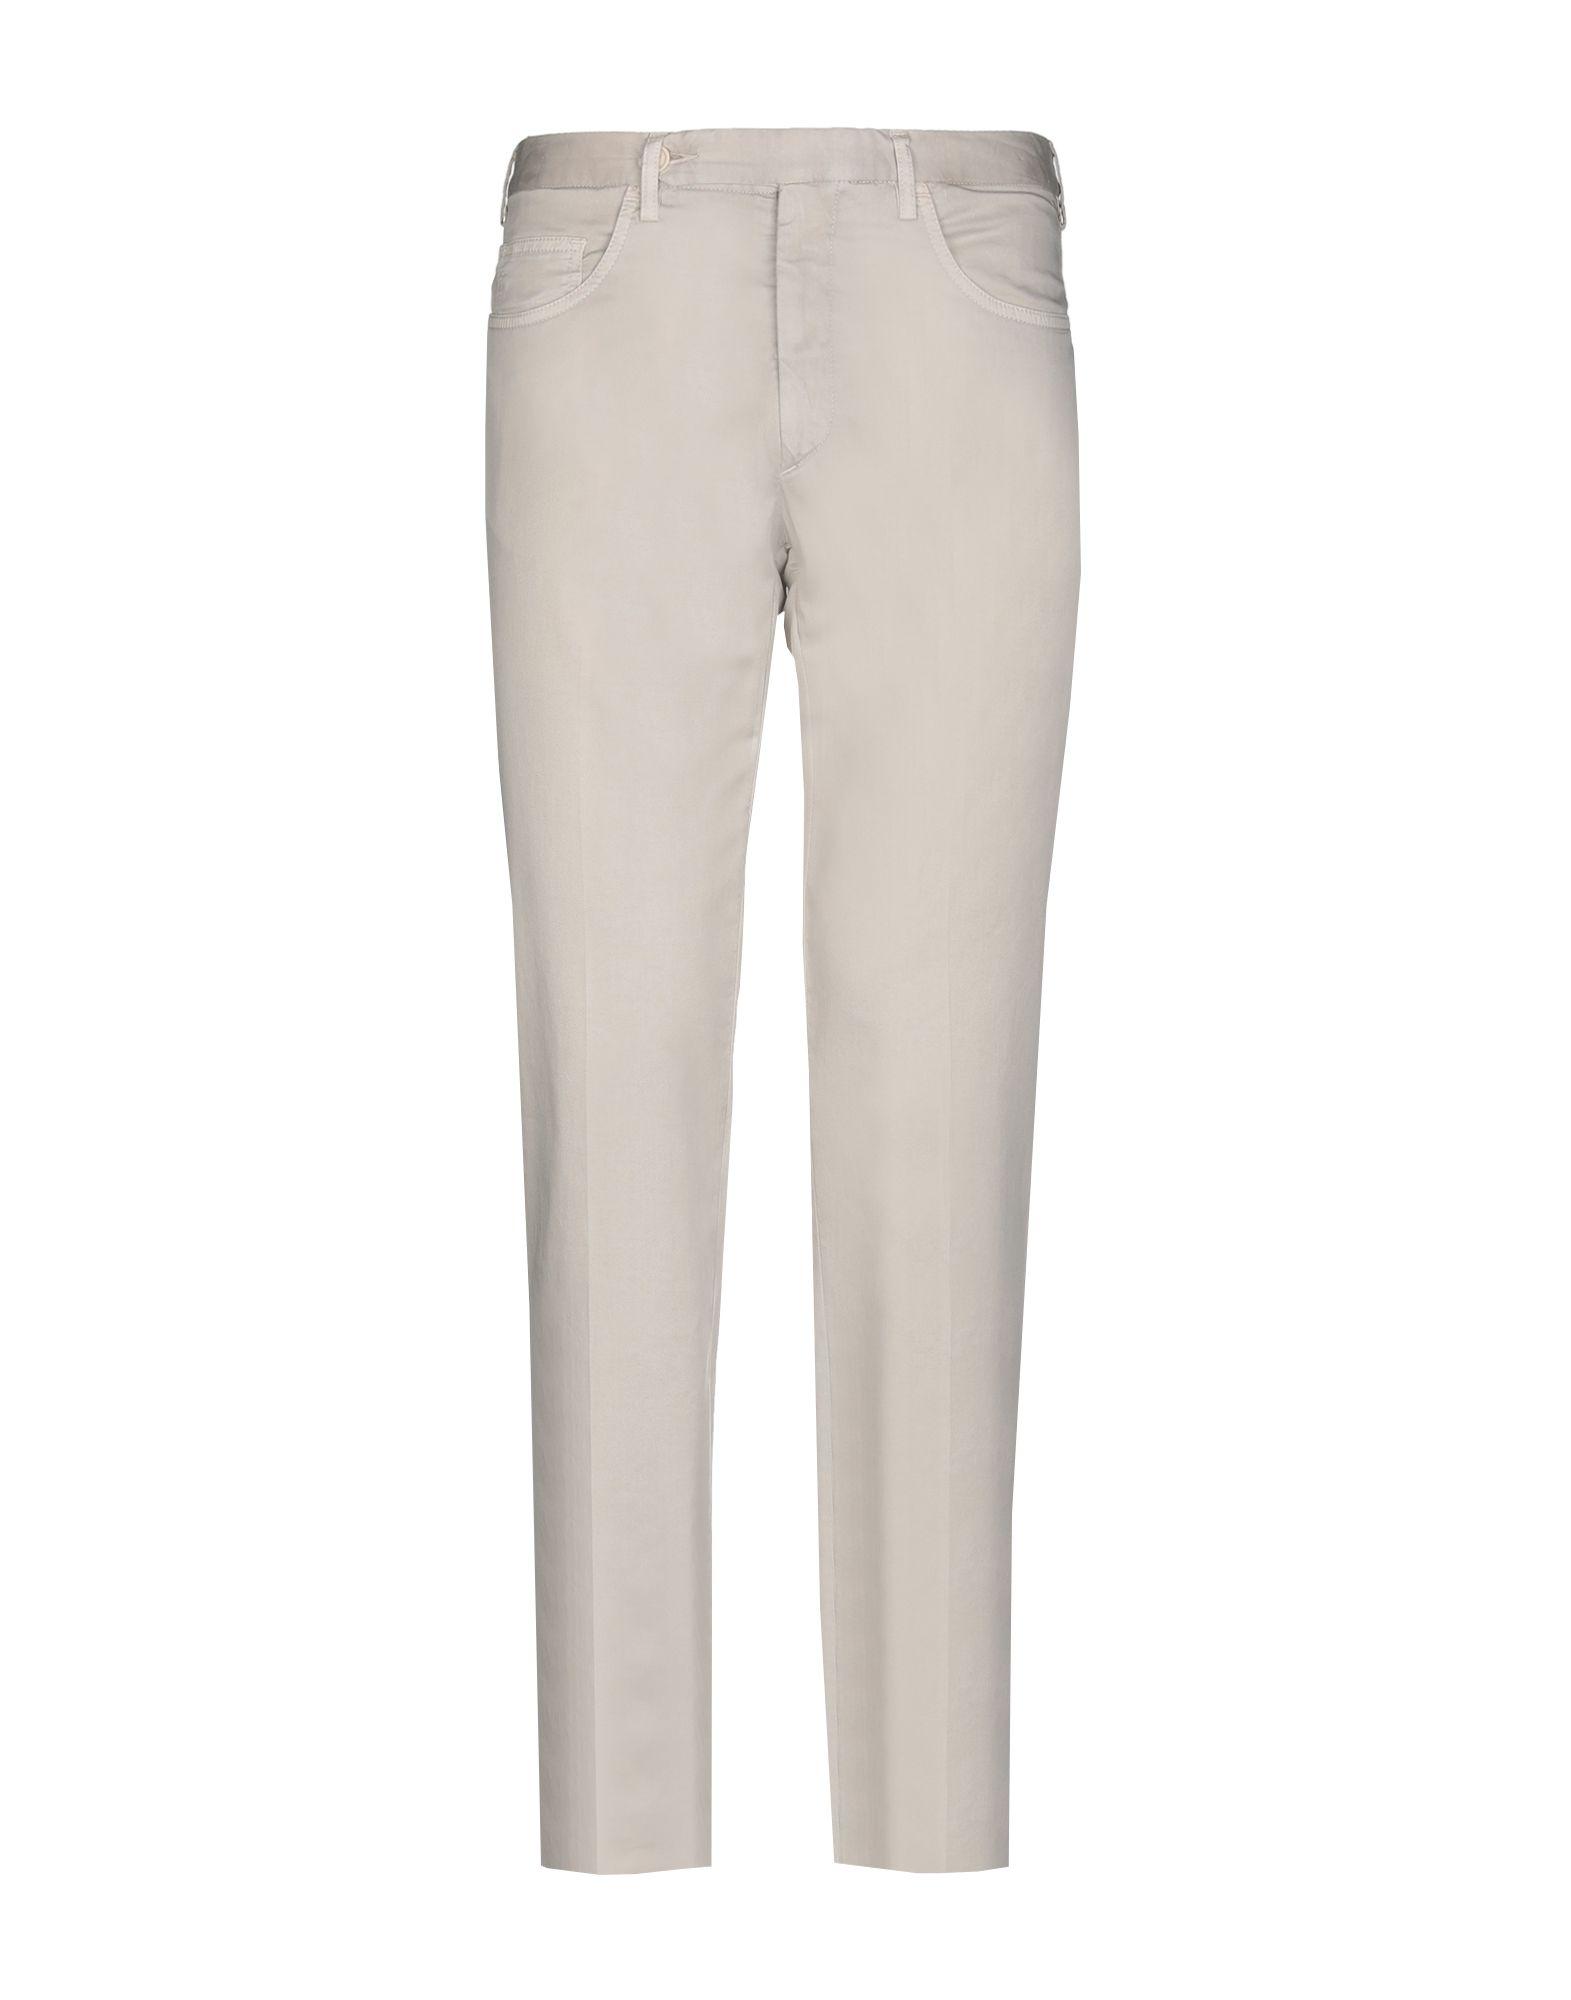 ROTASPORT Повседневные брюки 19 70 genuine wear повседневные брюки